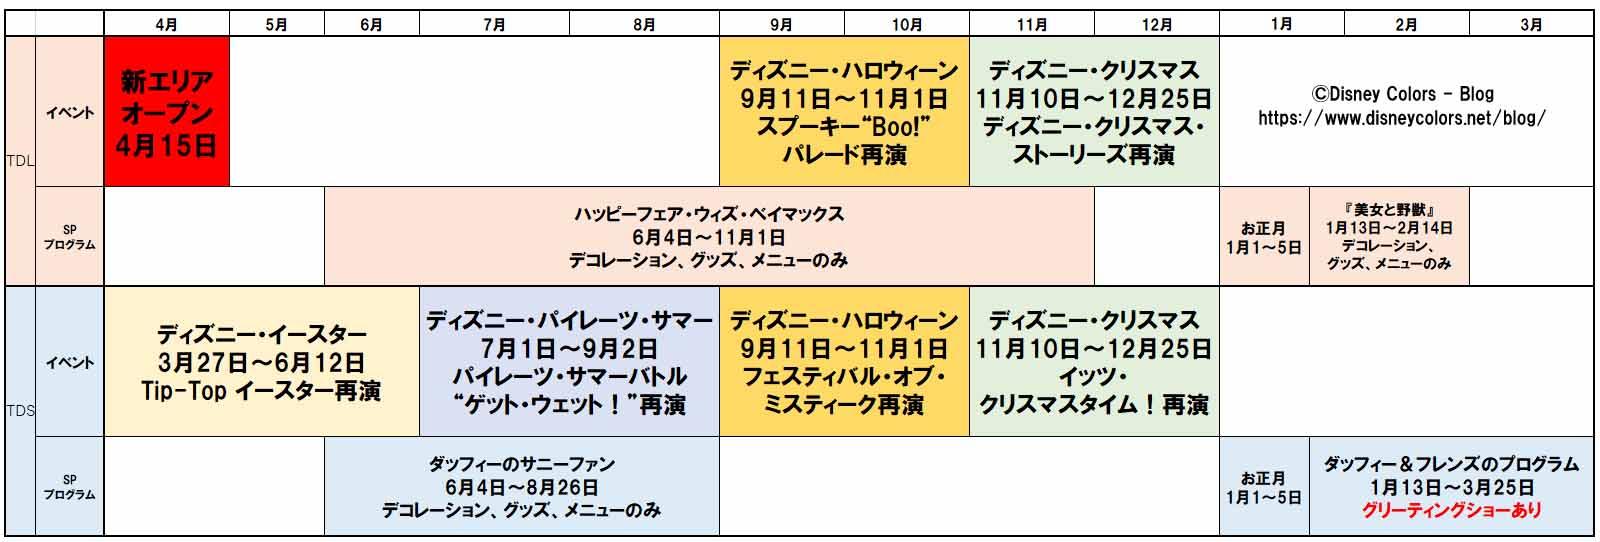 東京ディズニーランド 東京ディズニーシー 2020年度イベントスケジュール